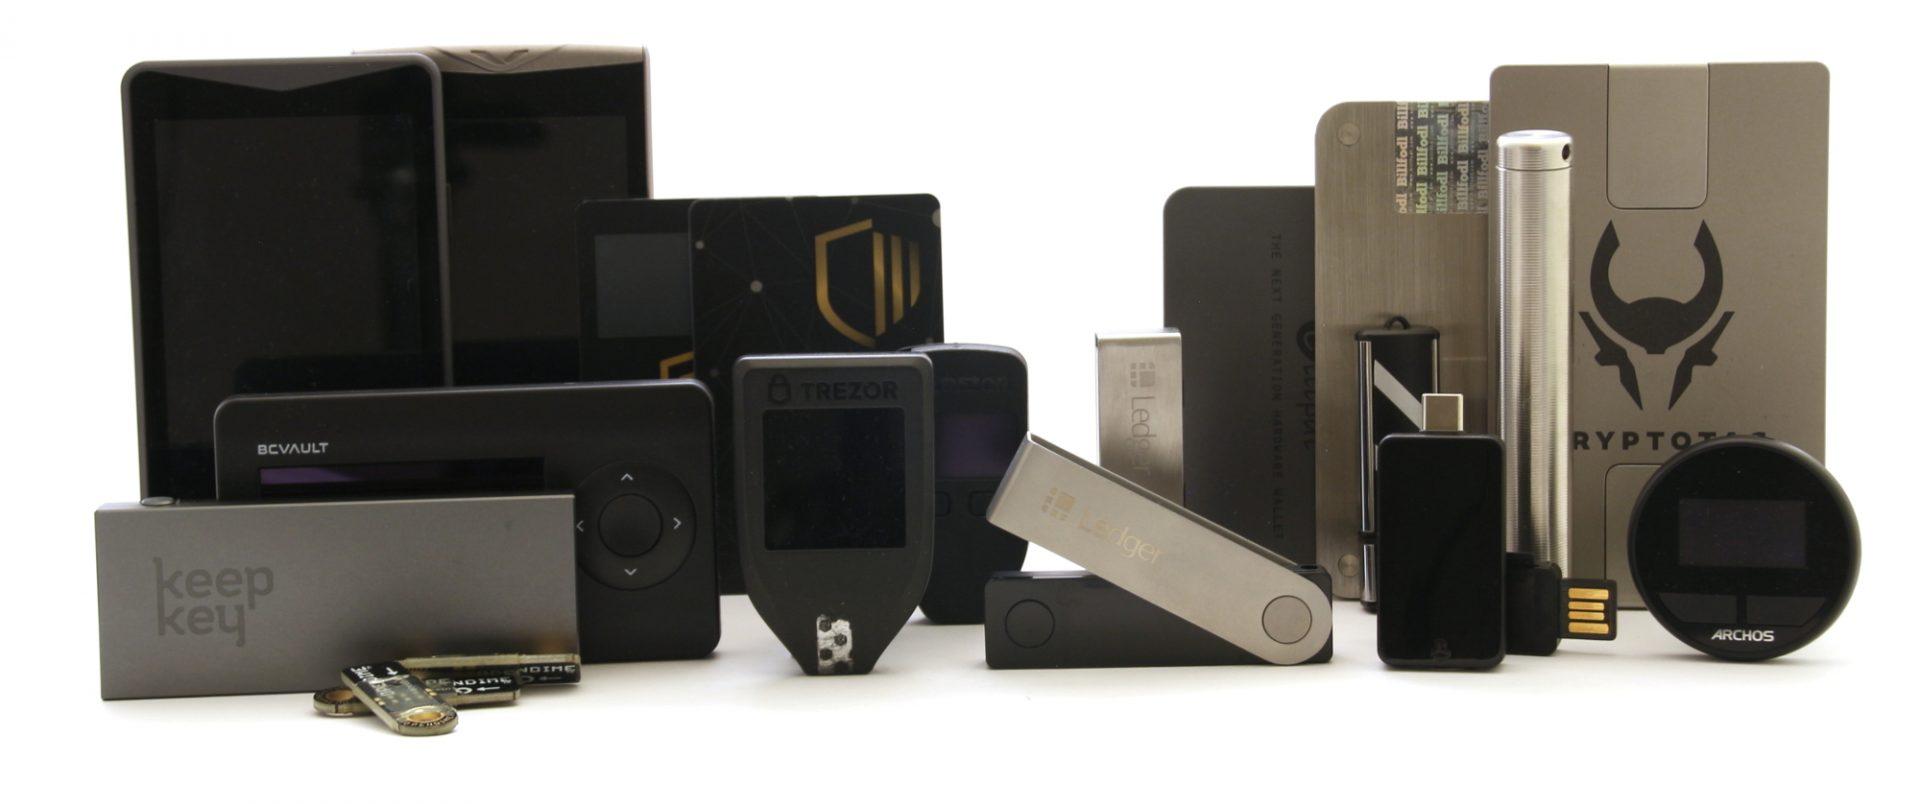 Hardware Wallets Banner V7